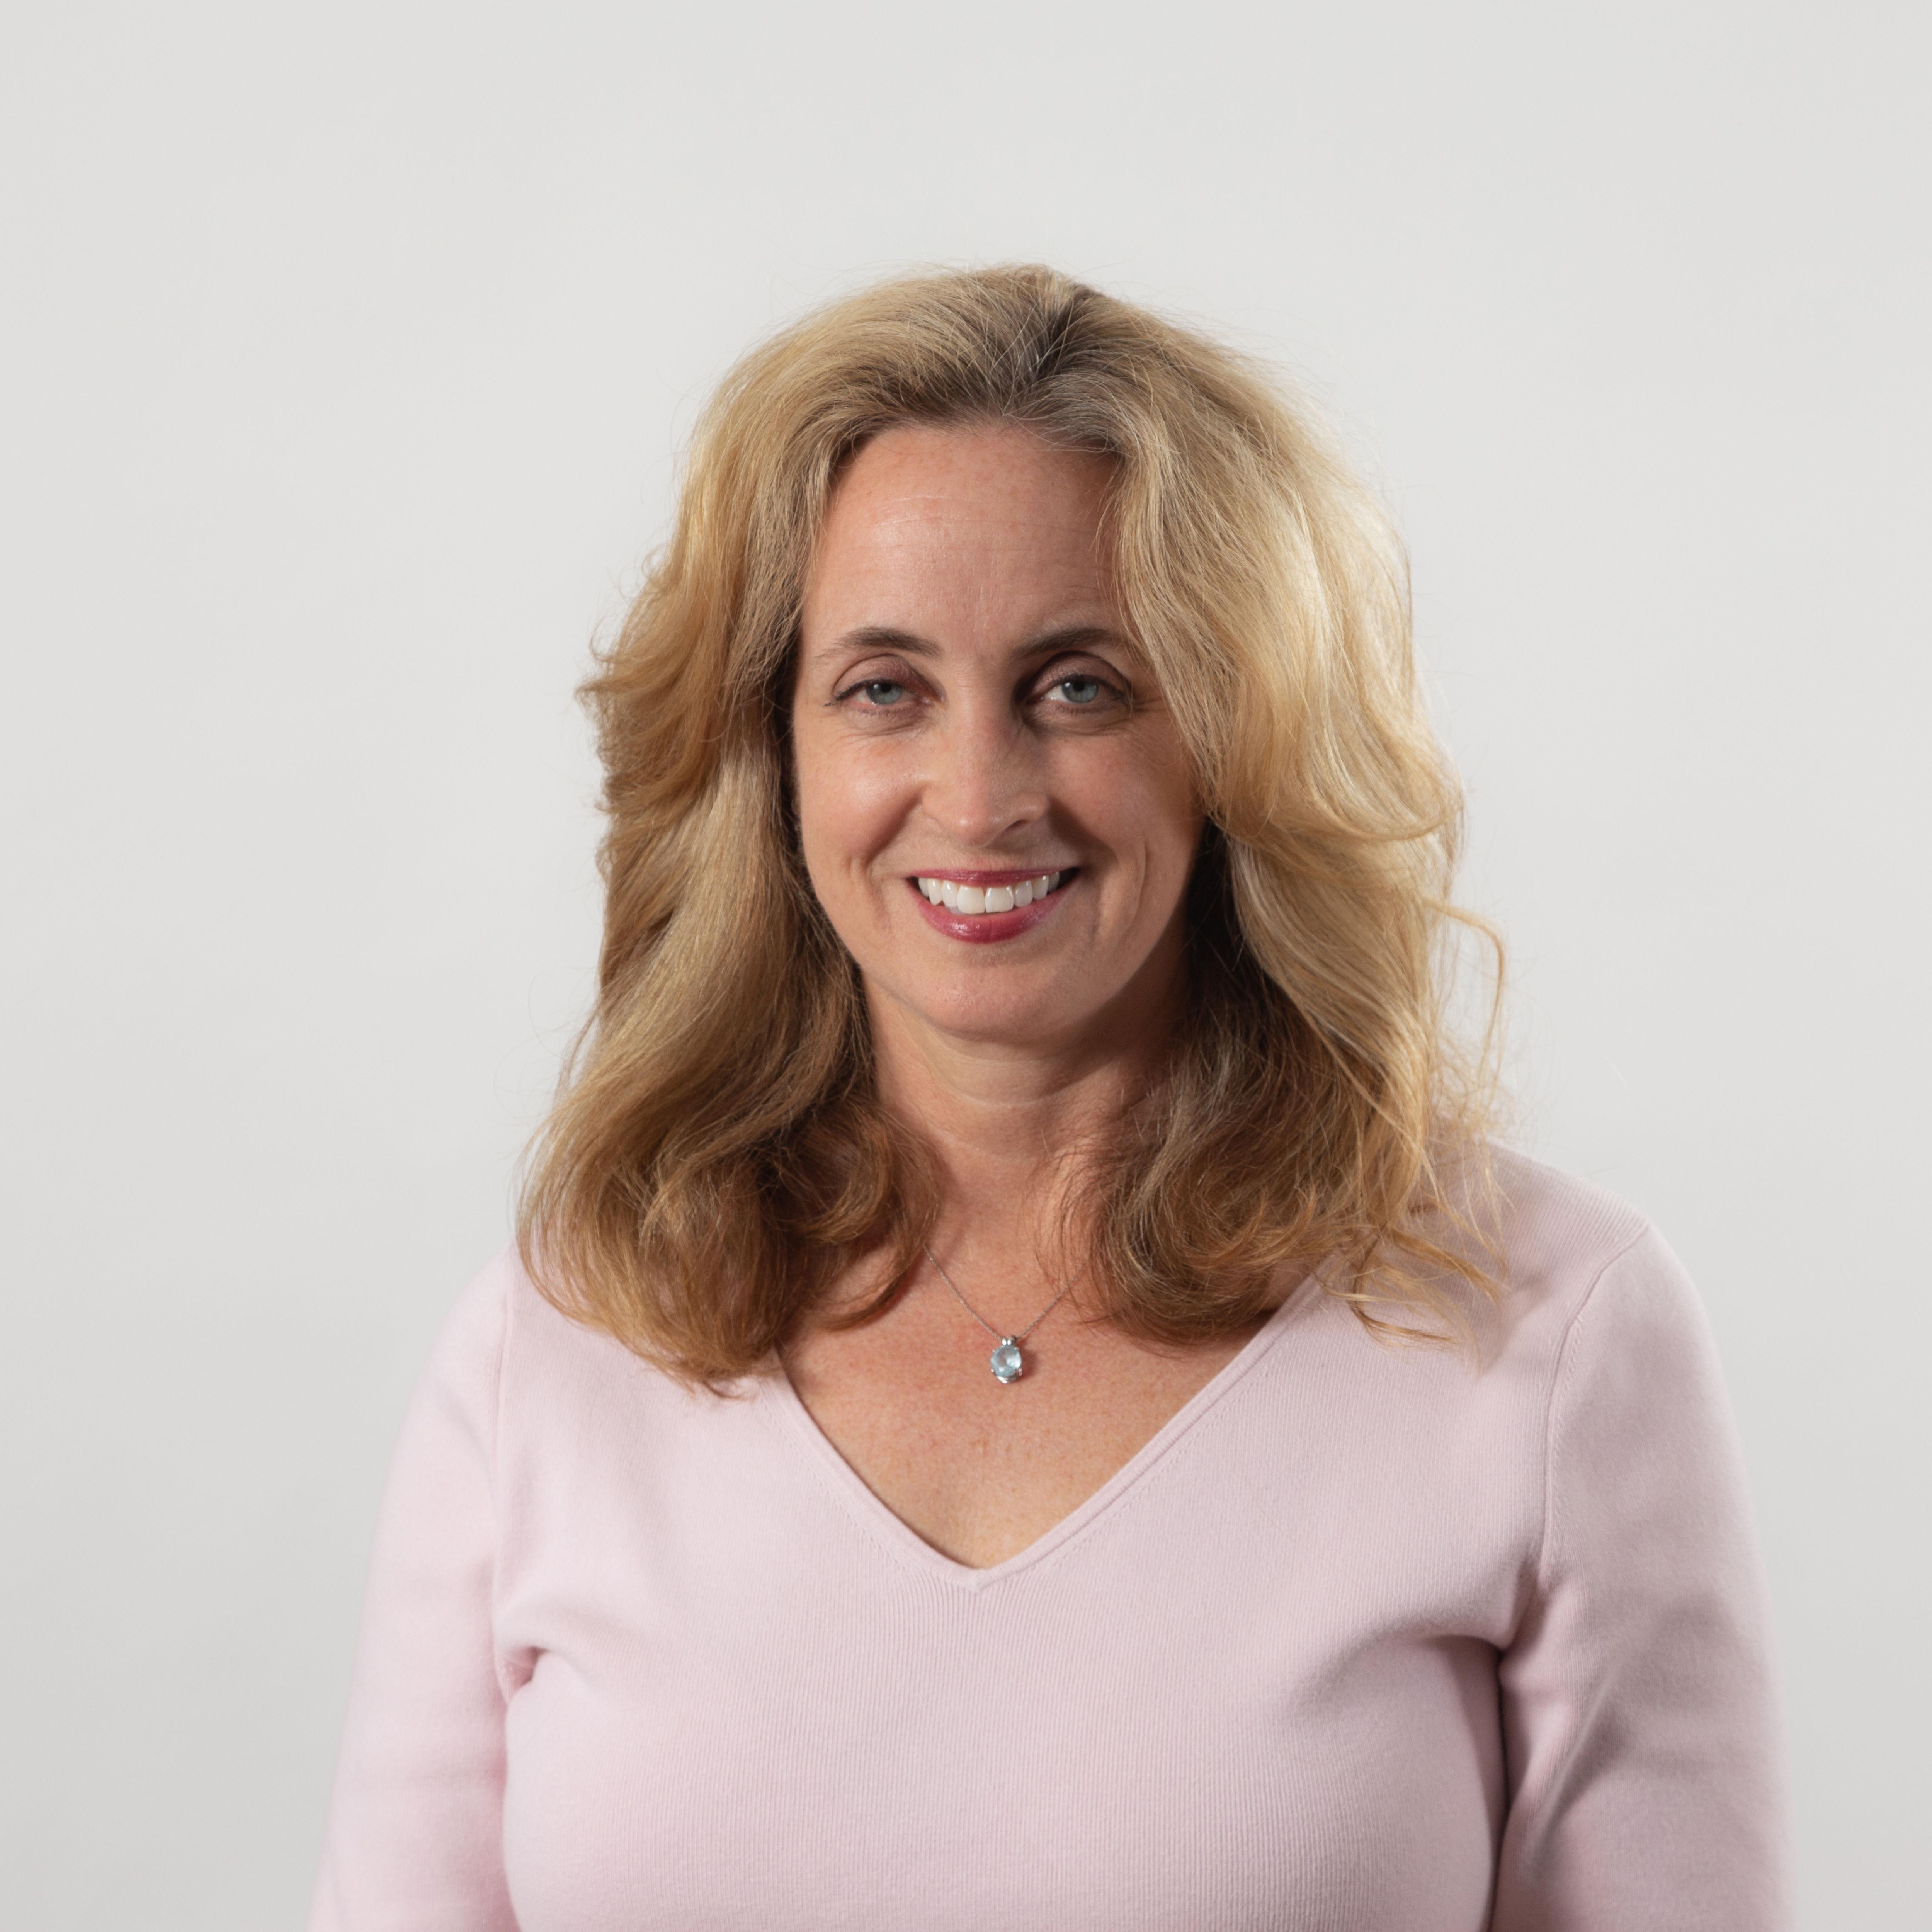 Tanya Dunlap, PhD